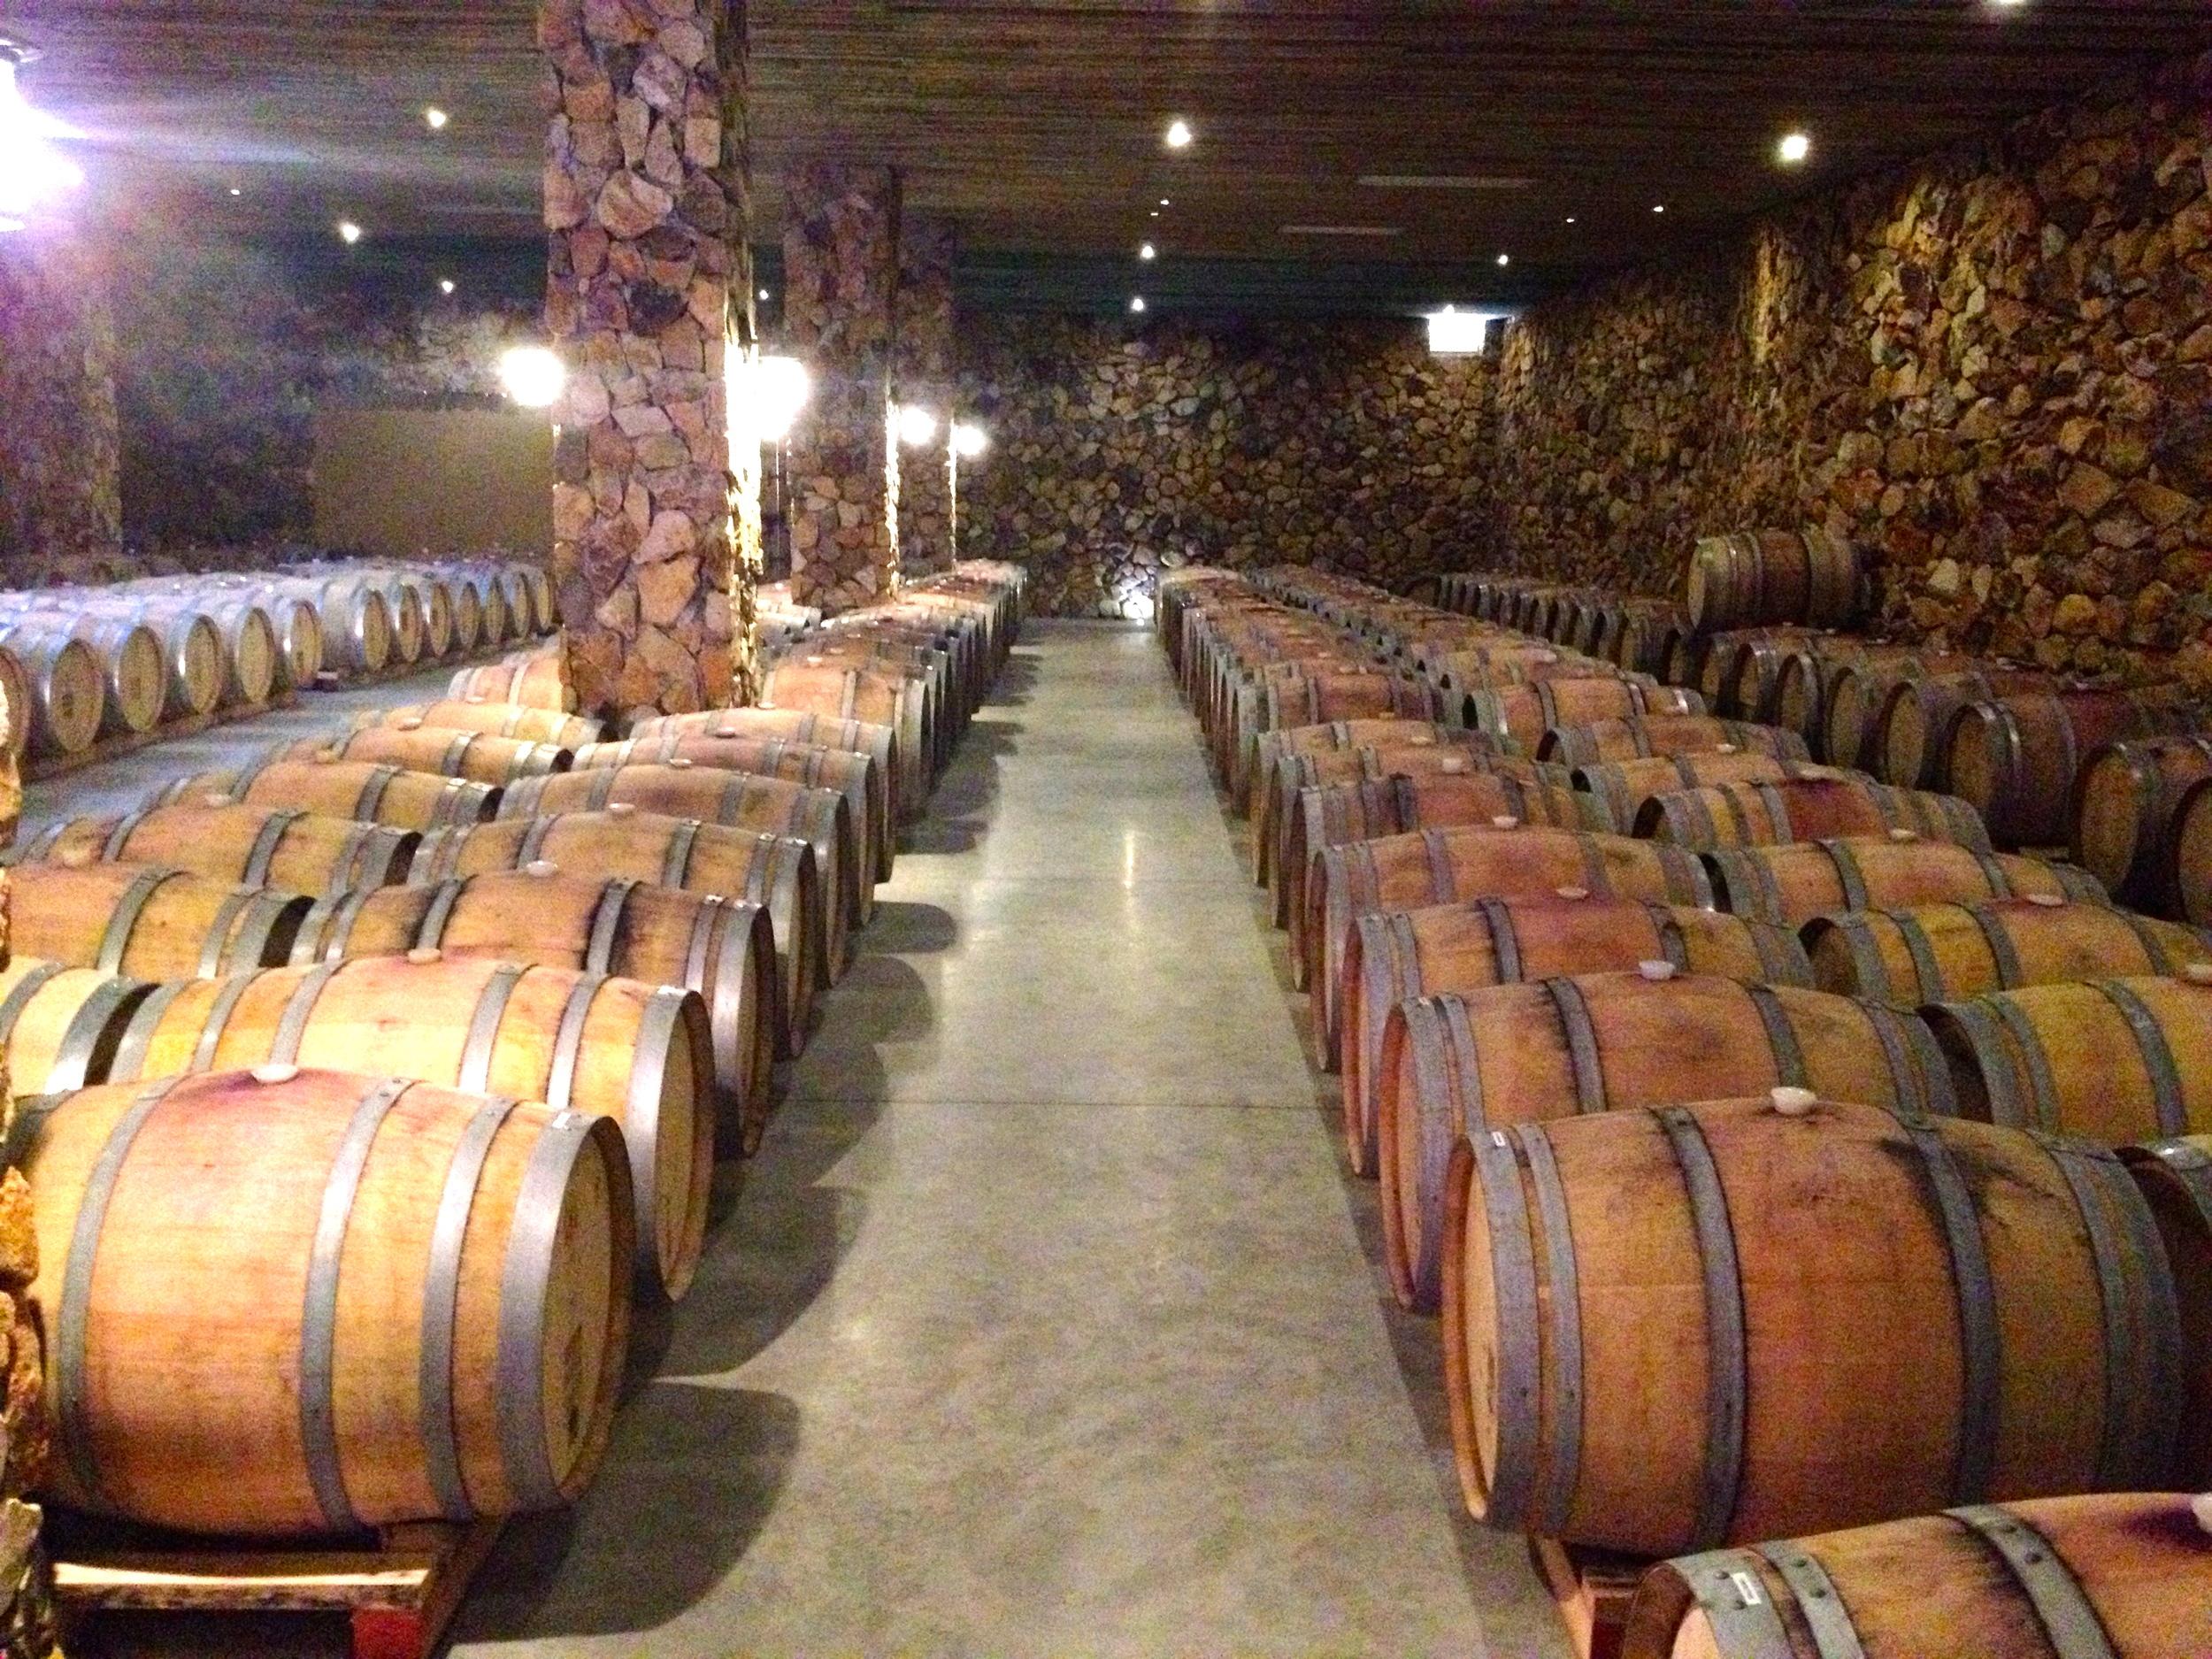 Las Nubes' barrel room